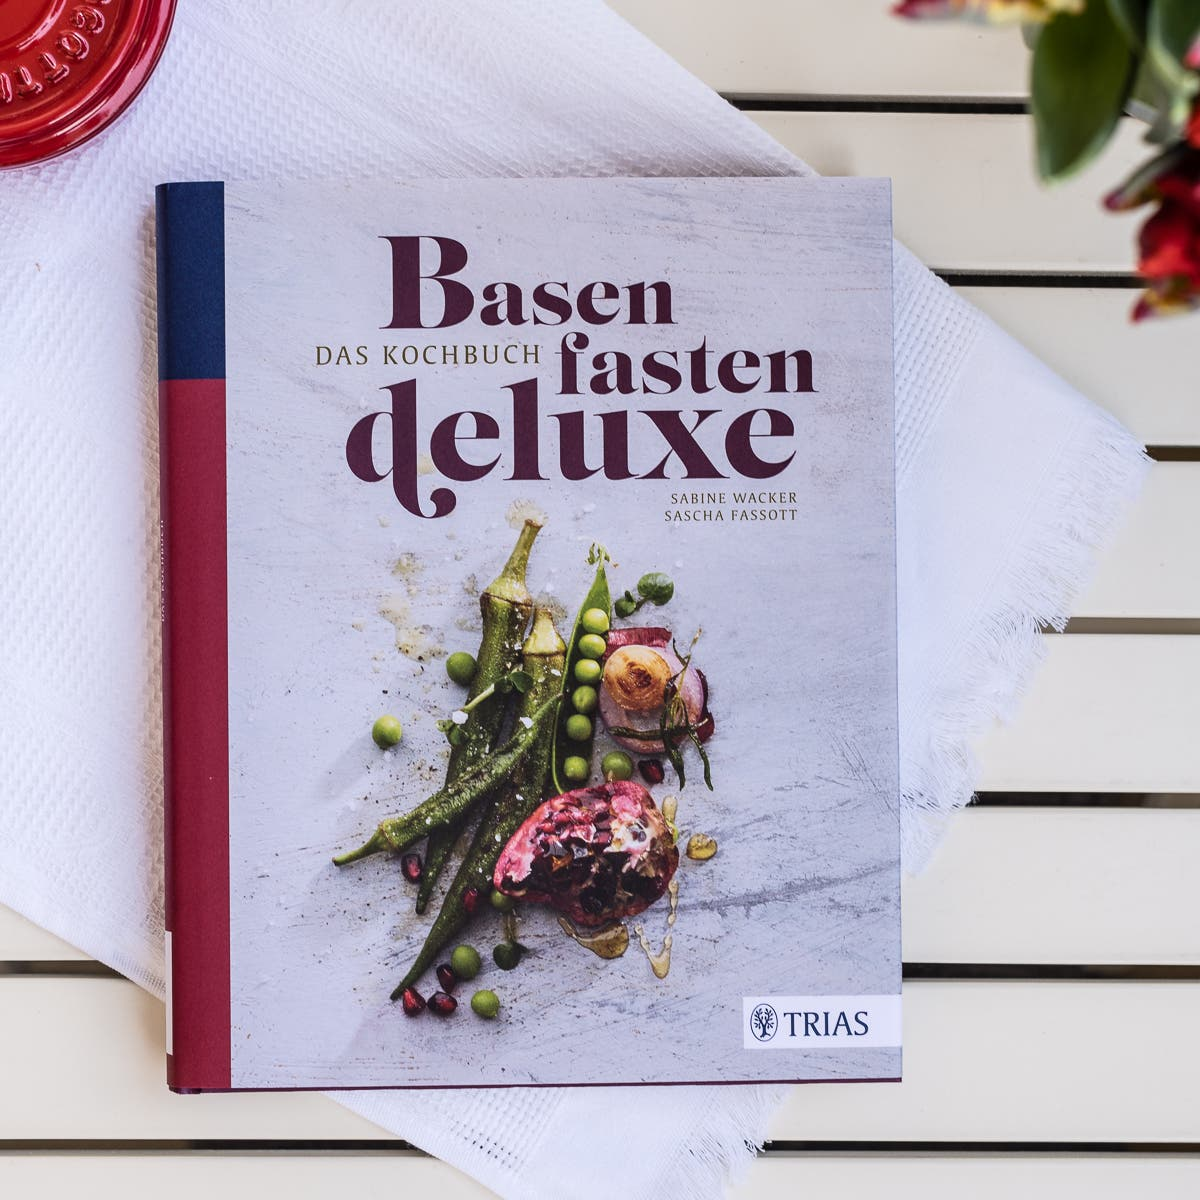 Buchcover auf hellem Untergrund zum Thema Basenfasten.